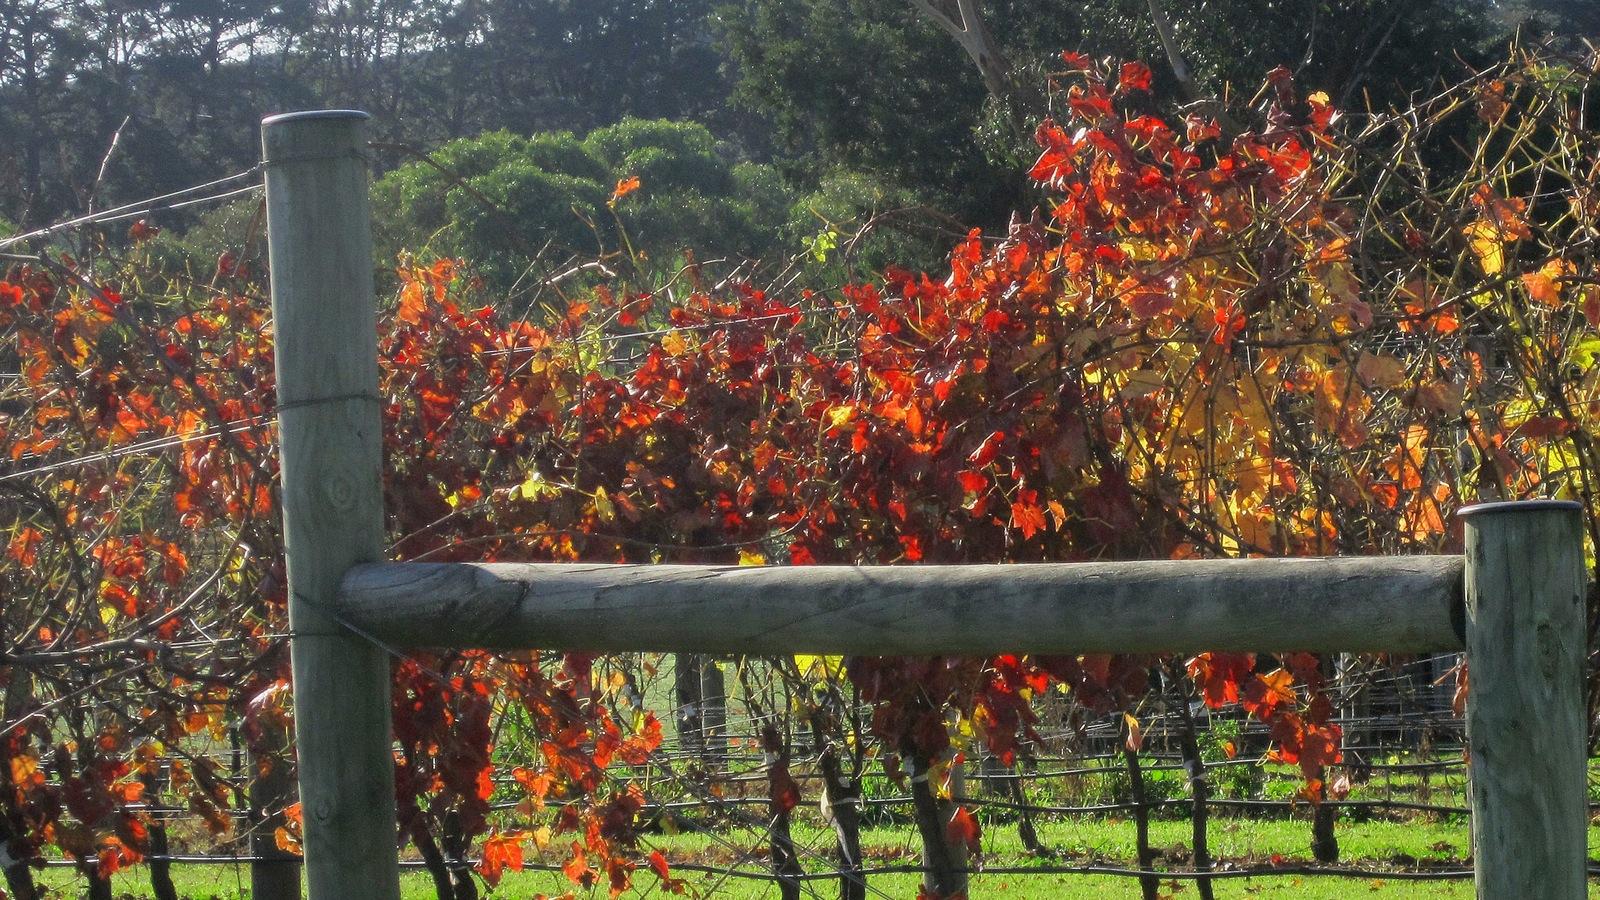 Autumn Vines in Marcus Hill